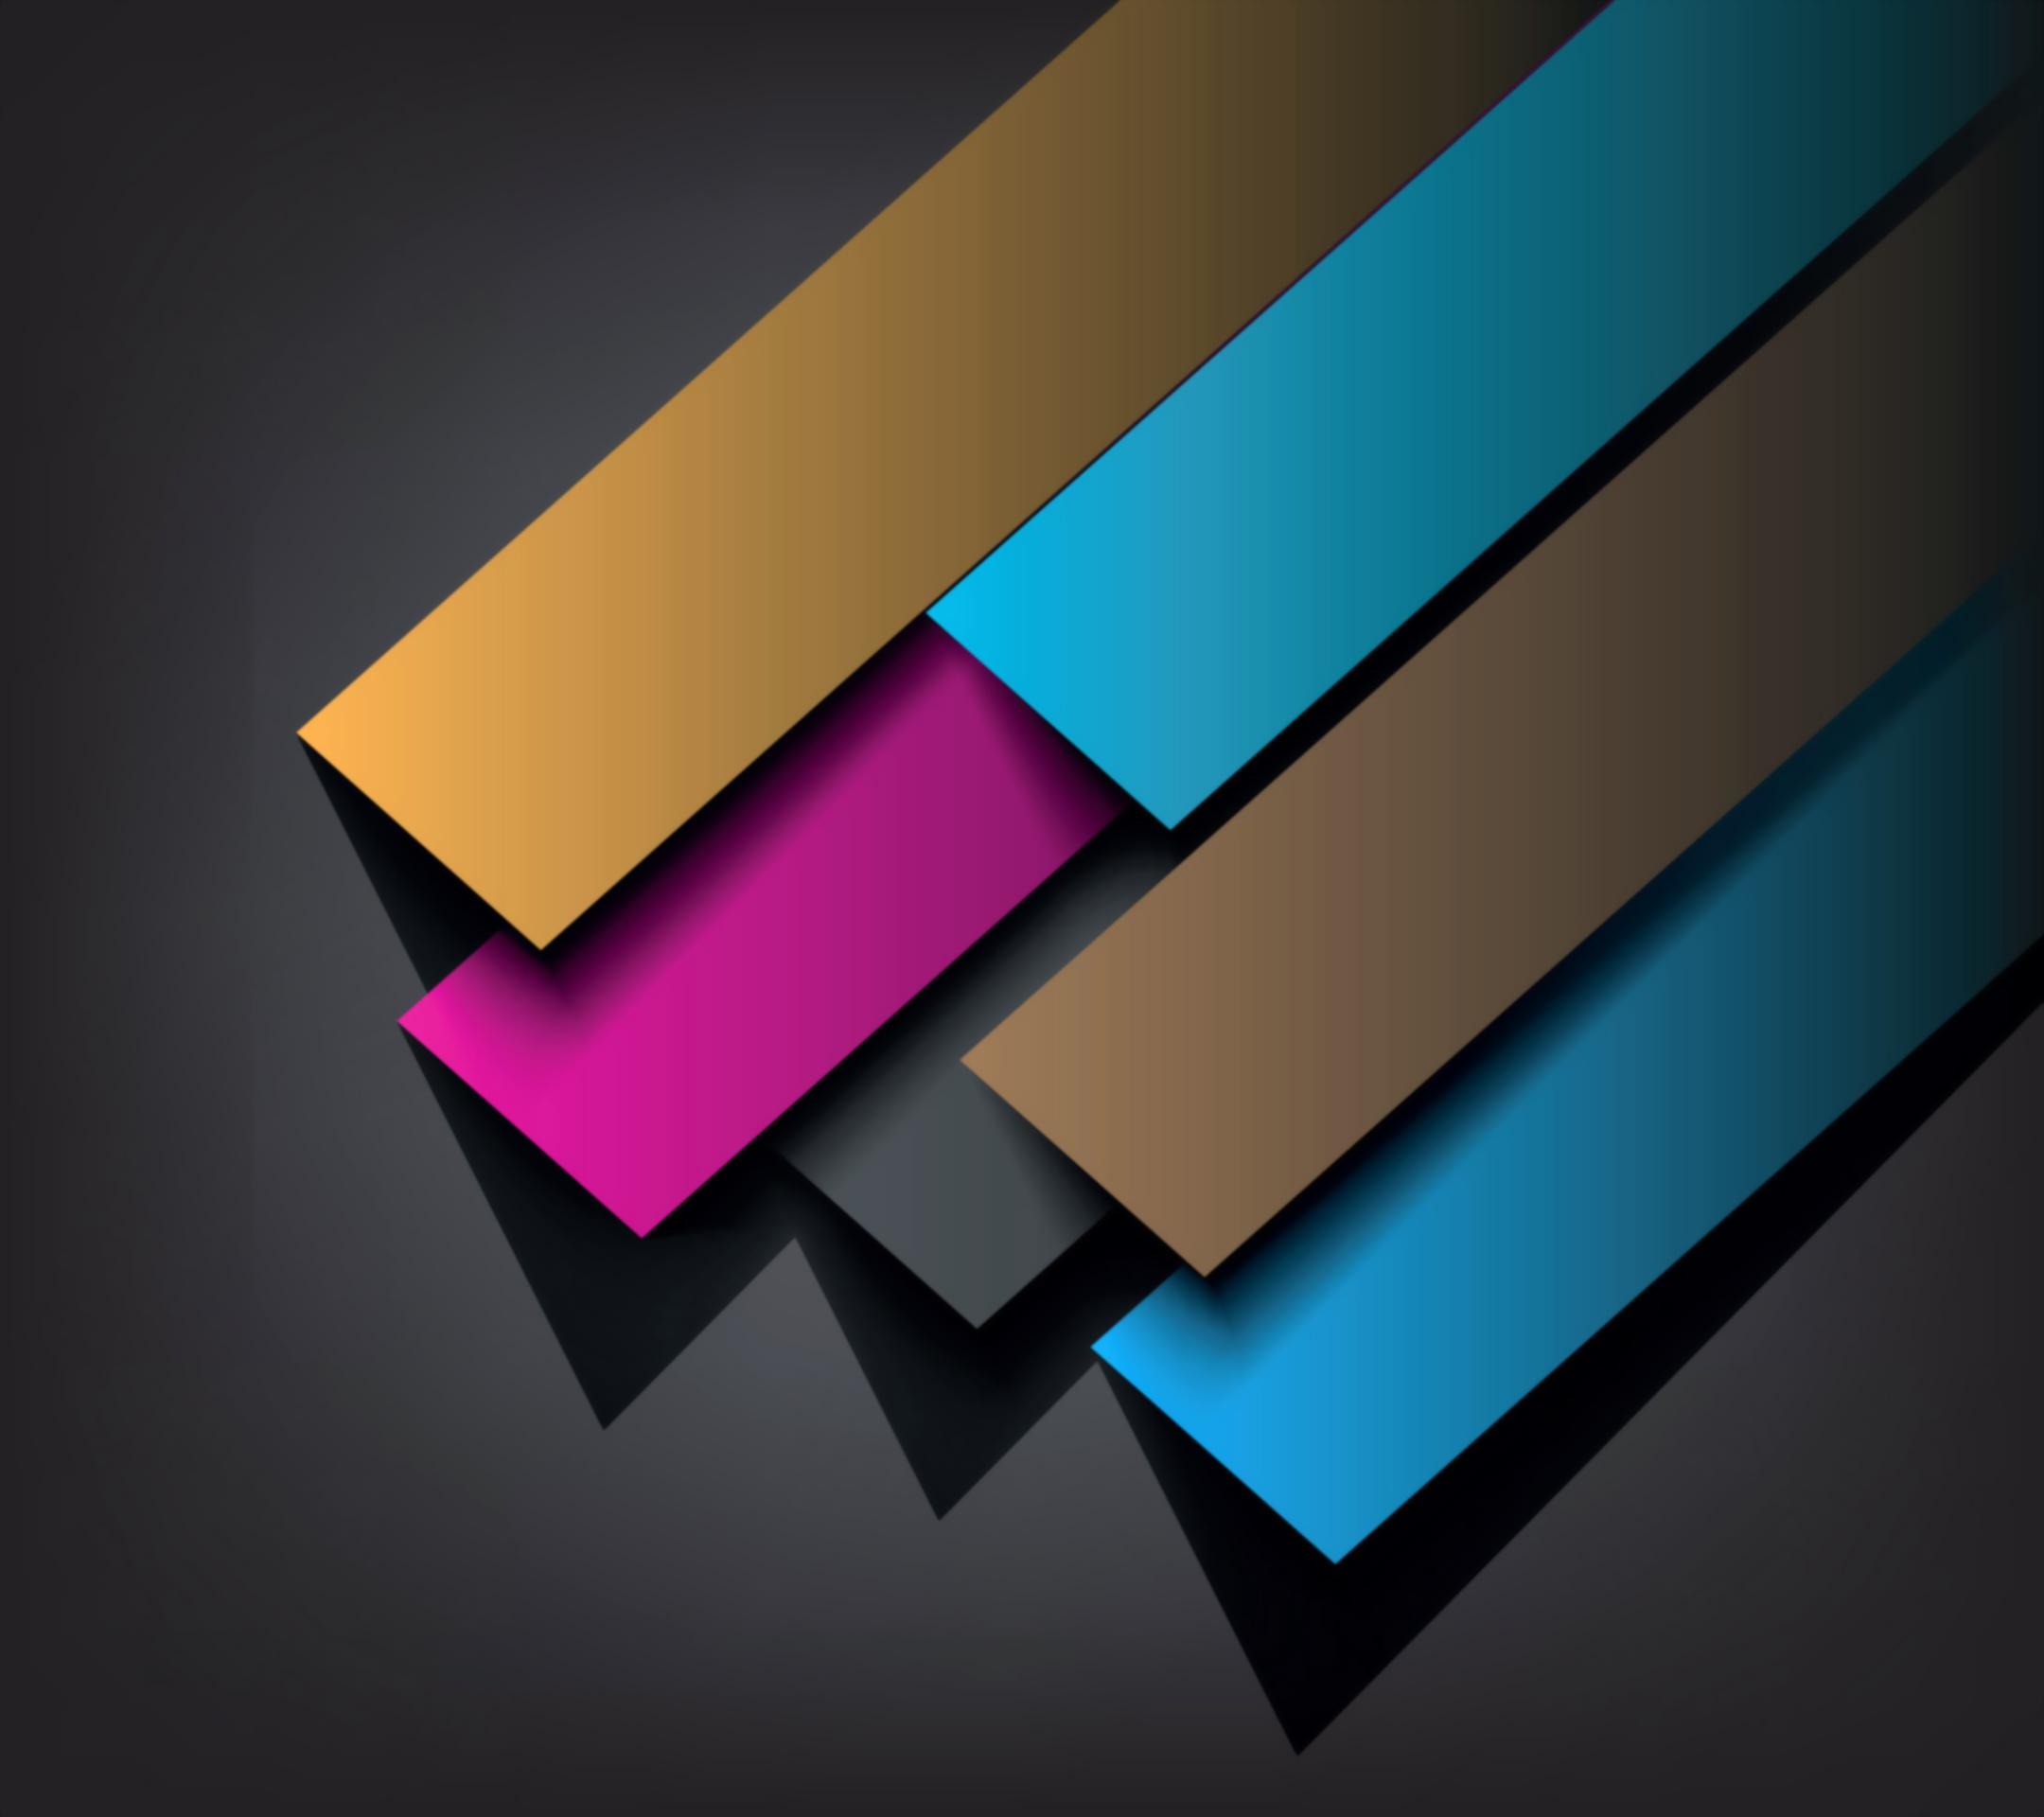 Top 10 Abstract Google Nexus 10 HD Wallpapers